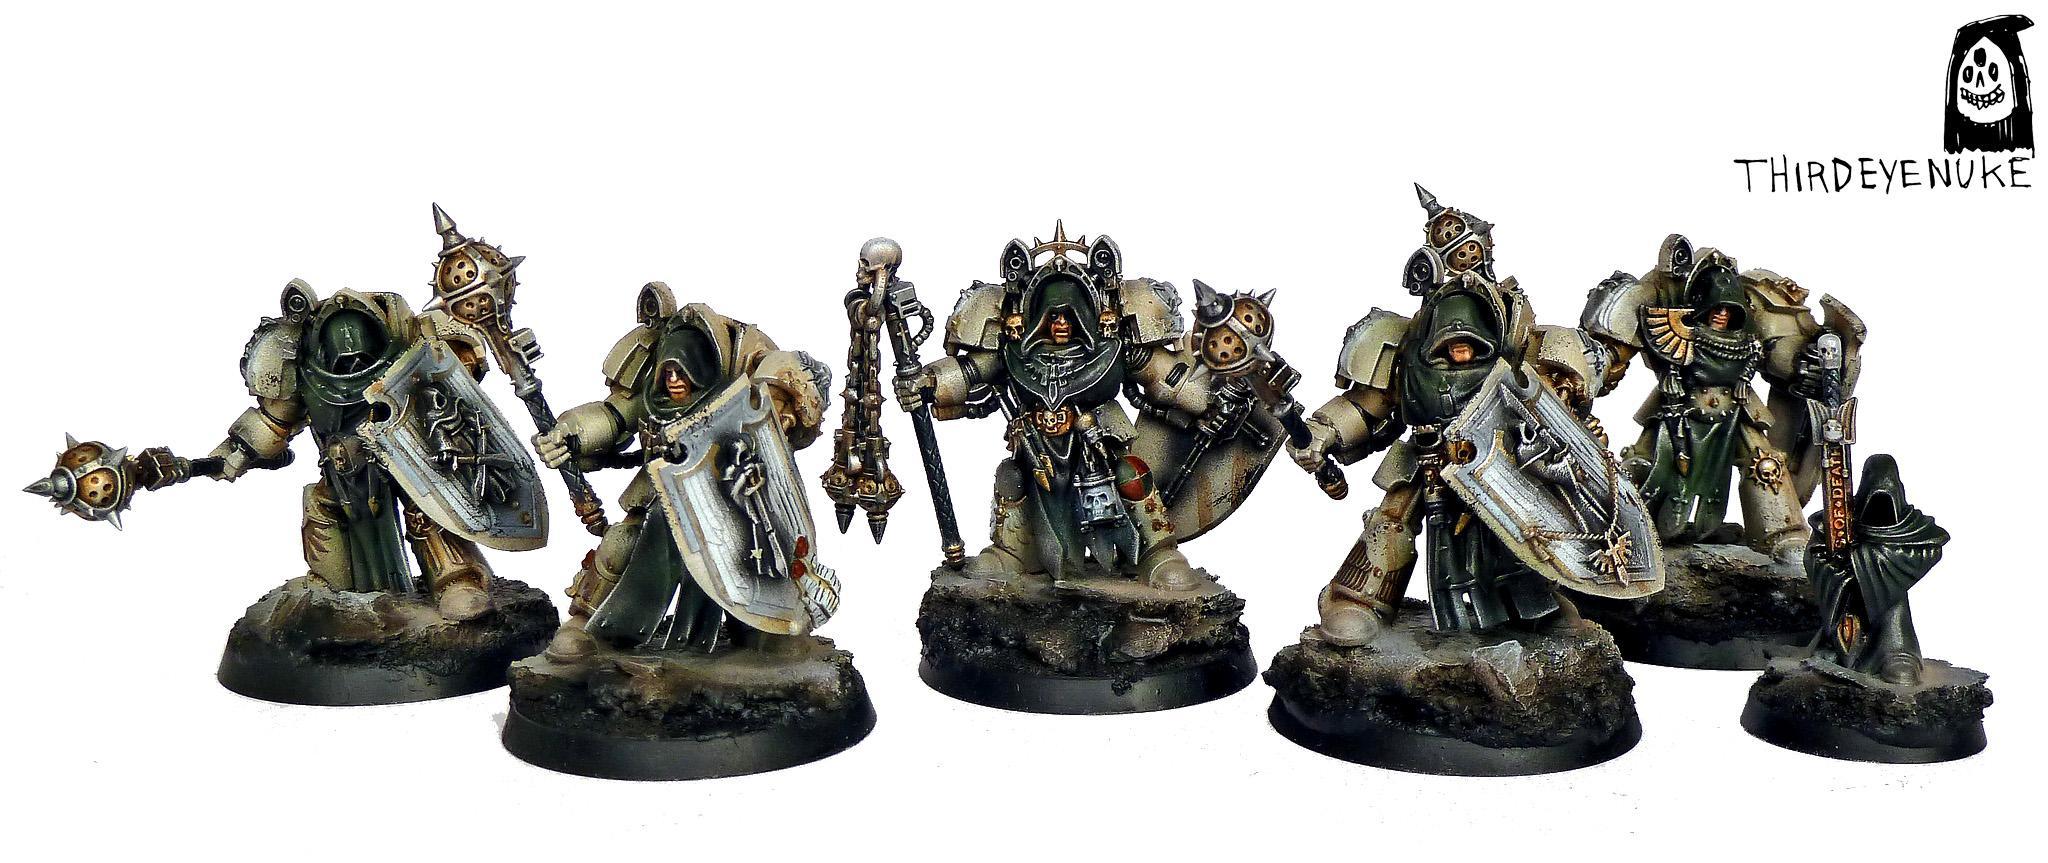 Adeptus Astartes, Dark Angels, Deathwing Knights, Thirdeyenuke, Warhammer 40,000, Warhammer Fantasy